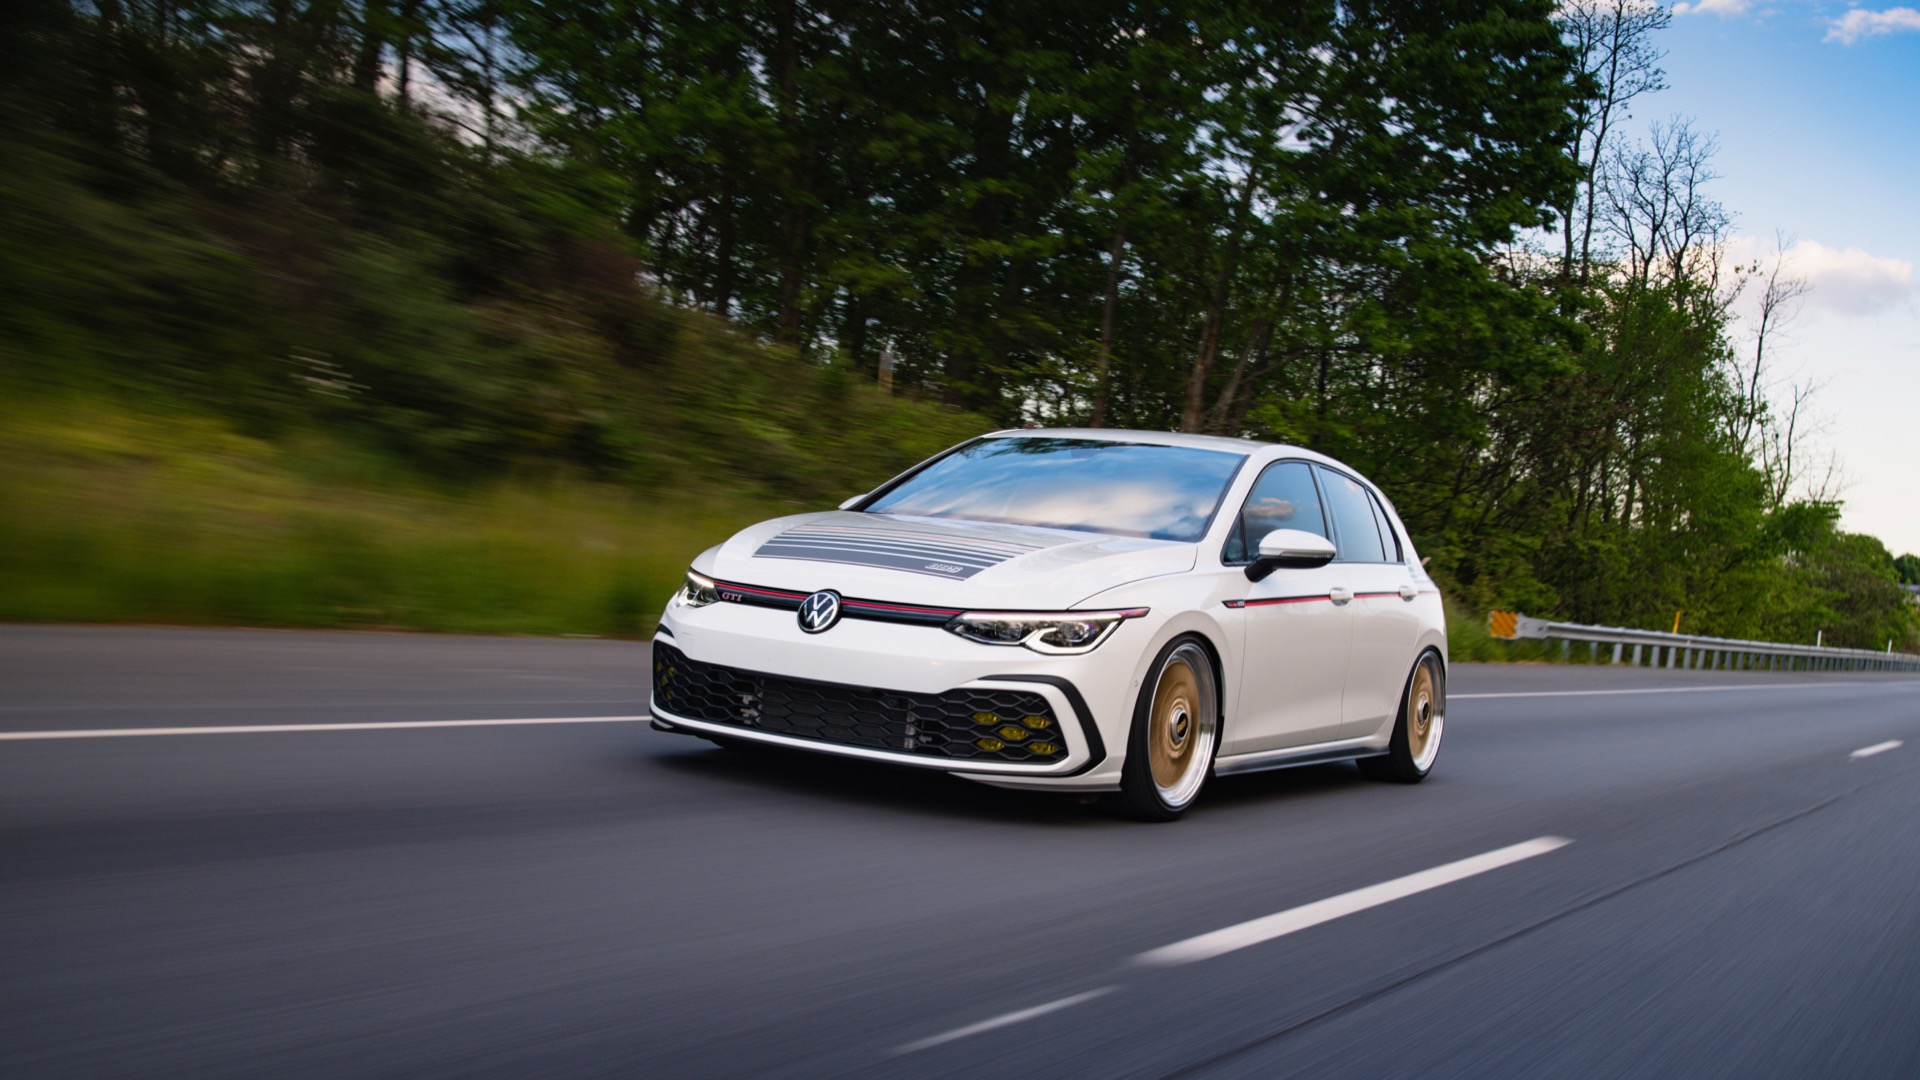 2021 Volkswagen GTI BBS concept Front Three-Quarter Wallpapers (2)